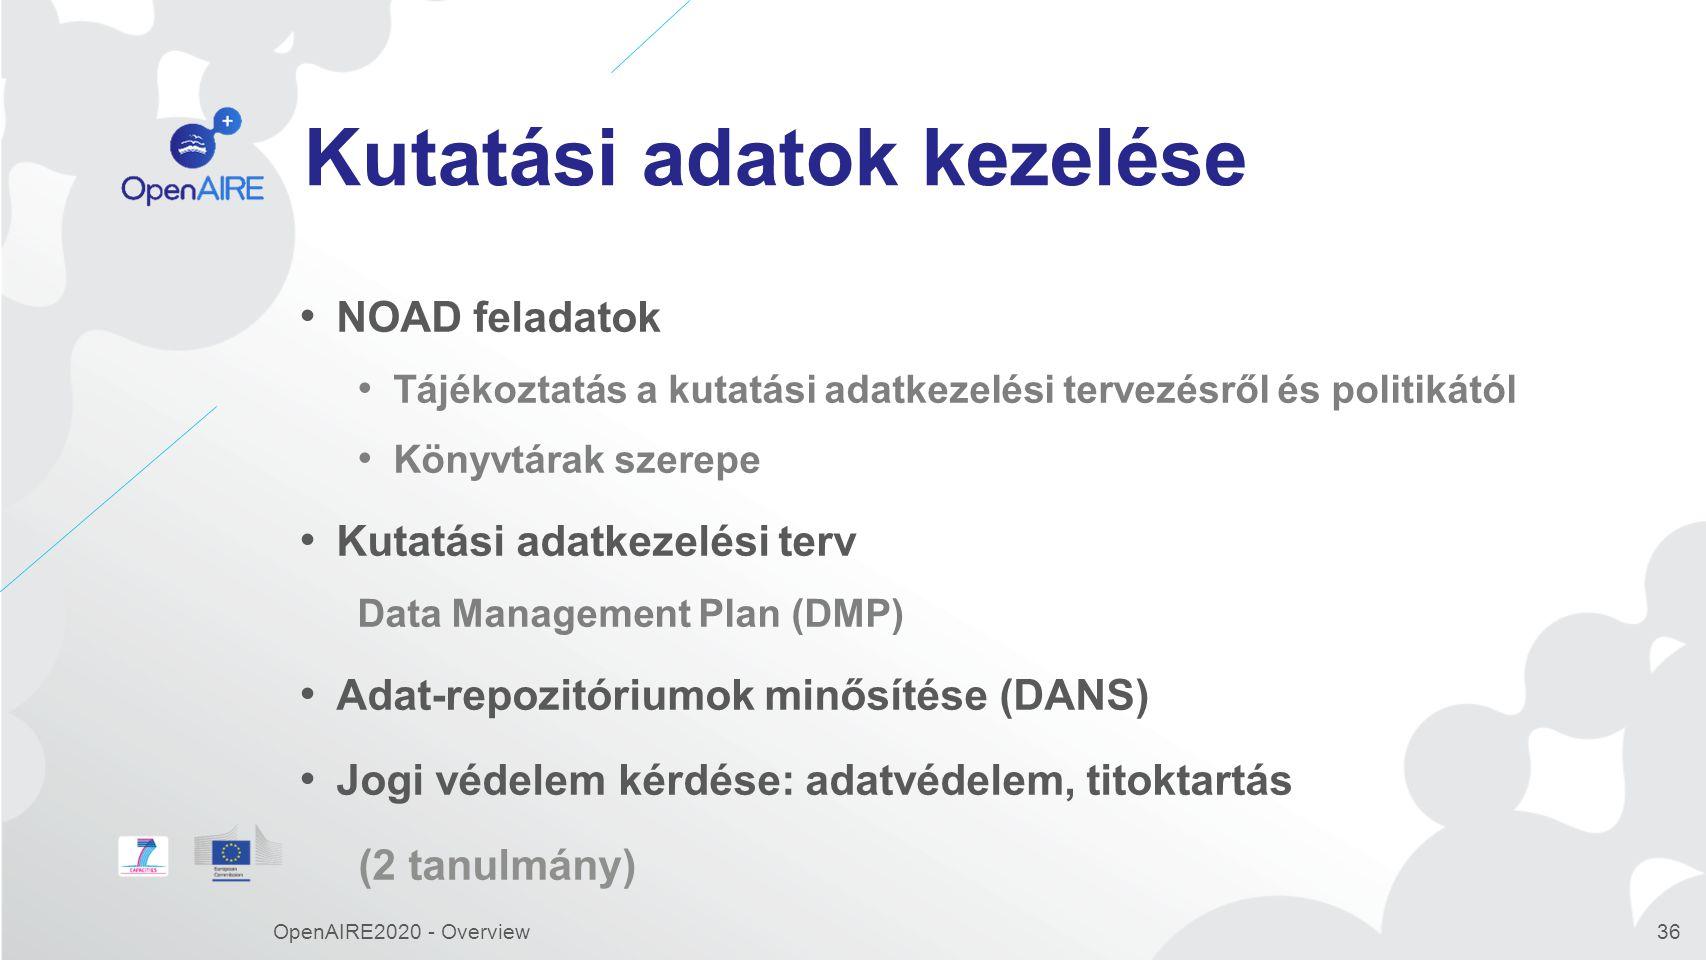 Kutatási adatok kezelése NOAD feladatok Tájékoztatás a kutatási adatkezelési tervezésről és politikától Könyvtárak szerepe Kutatási adatkezelési terv Data Management Plan (DMP) Adat-repozitóriumok minősítése (DANS) Jogi védelem kérdése: adatvédelem, titoktartás (2 tanulmány) OpenAIRE2020 - Overview36